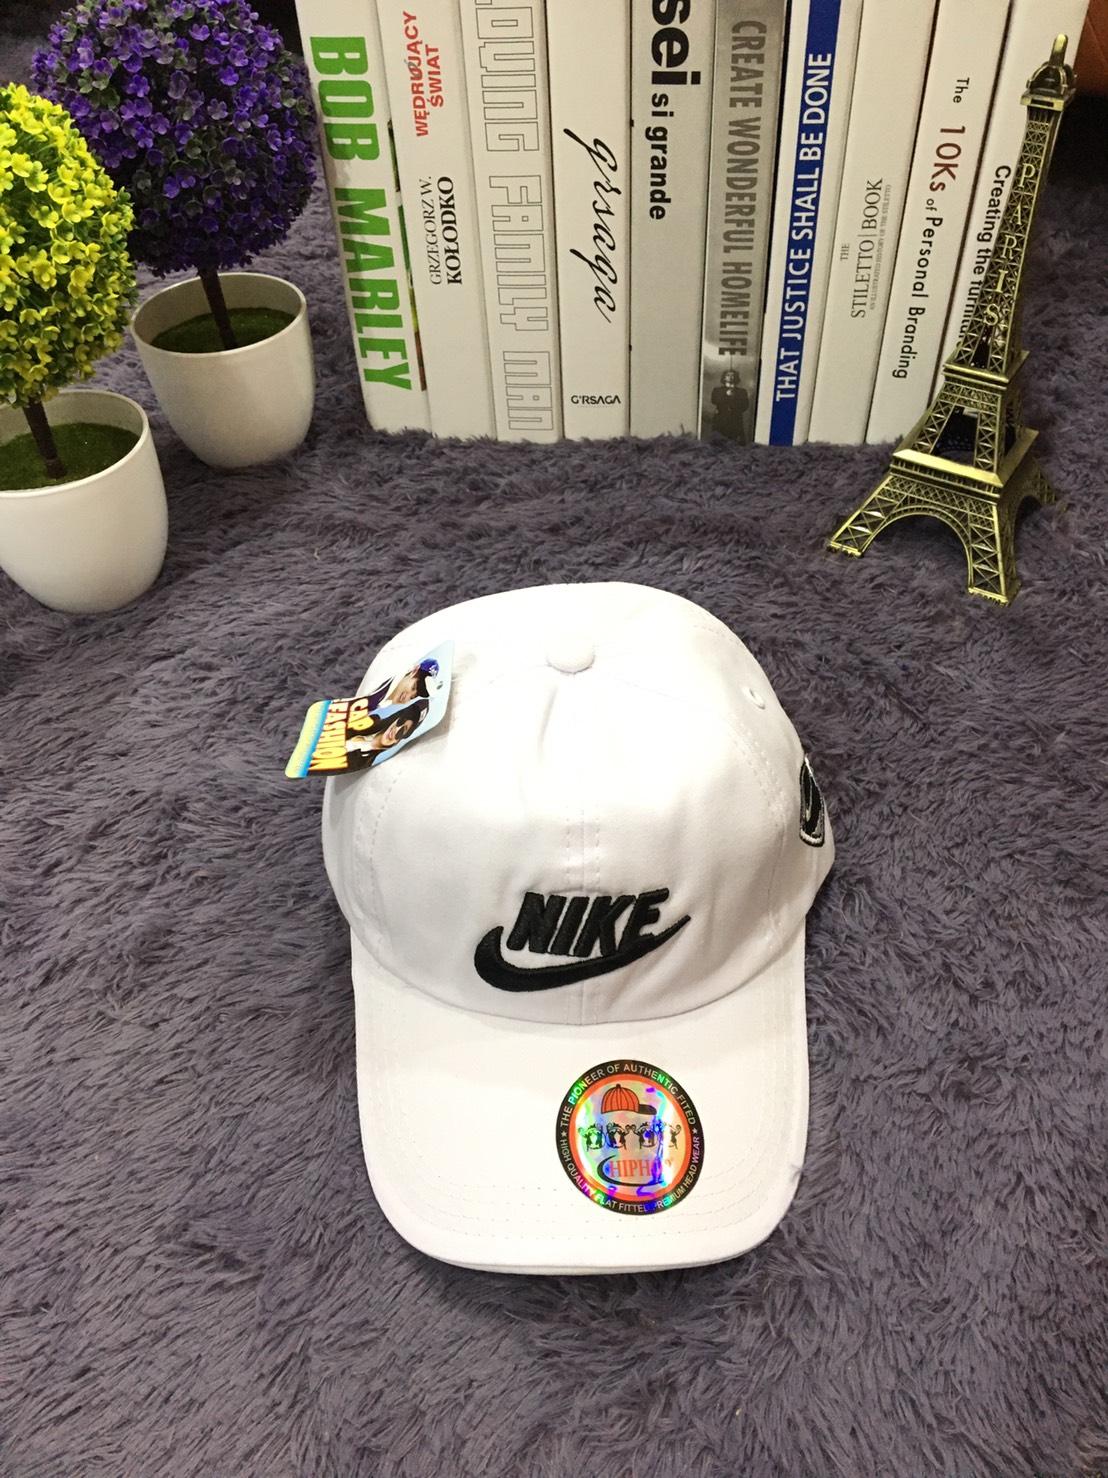 **พร้อมส่ง** หมวกแก๊ปแฟชั่น ปักลาย NIKE ตัวอักษร ขาว-ดำ ด้านหลังปรับขนาดได้ มี 3 สี